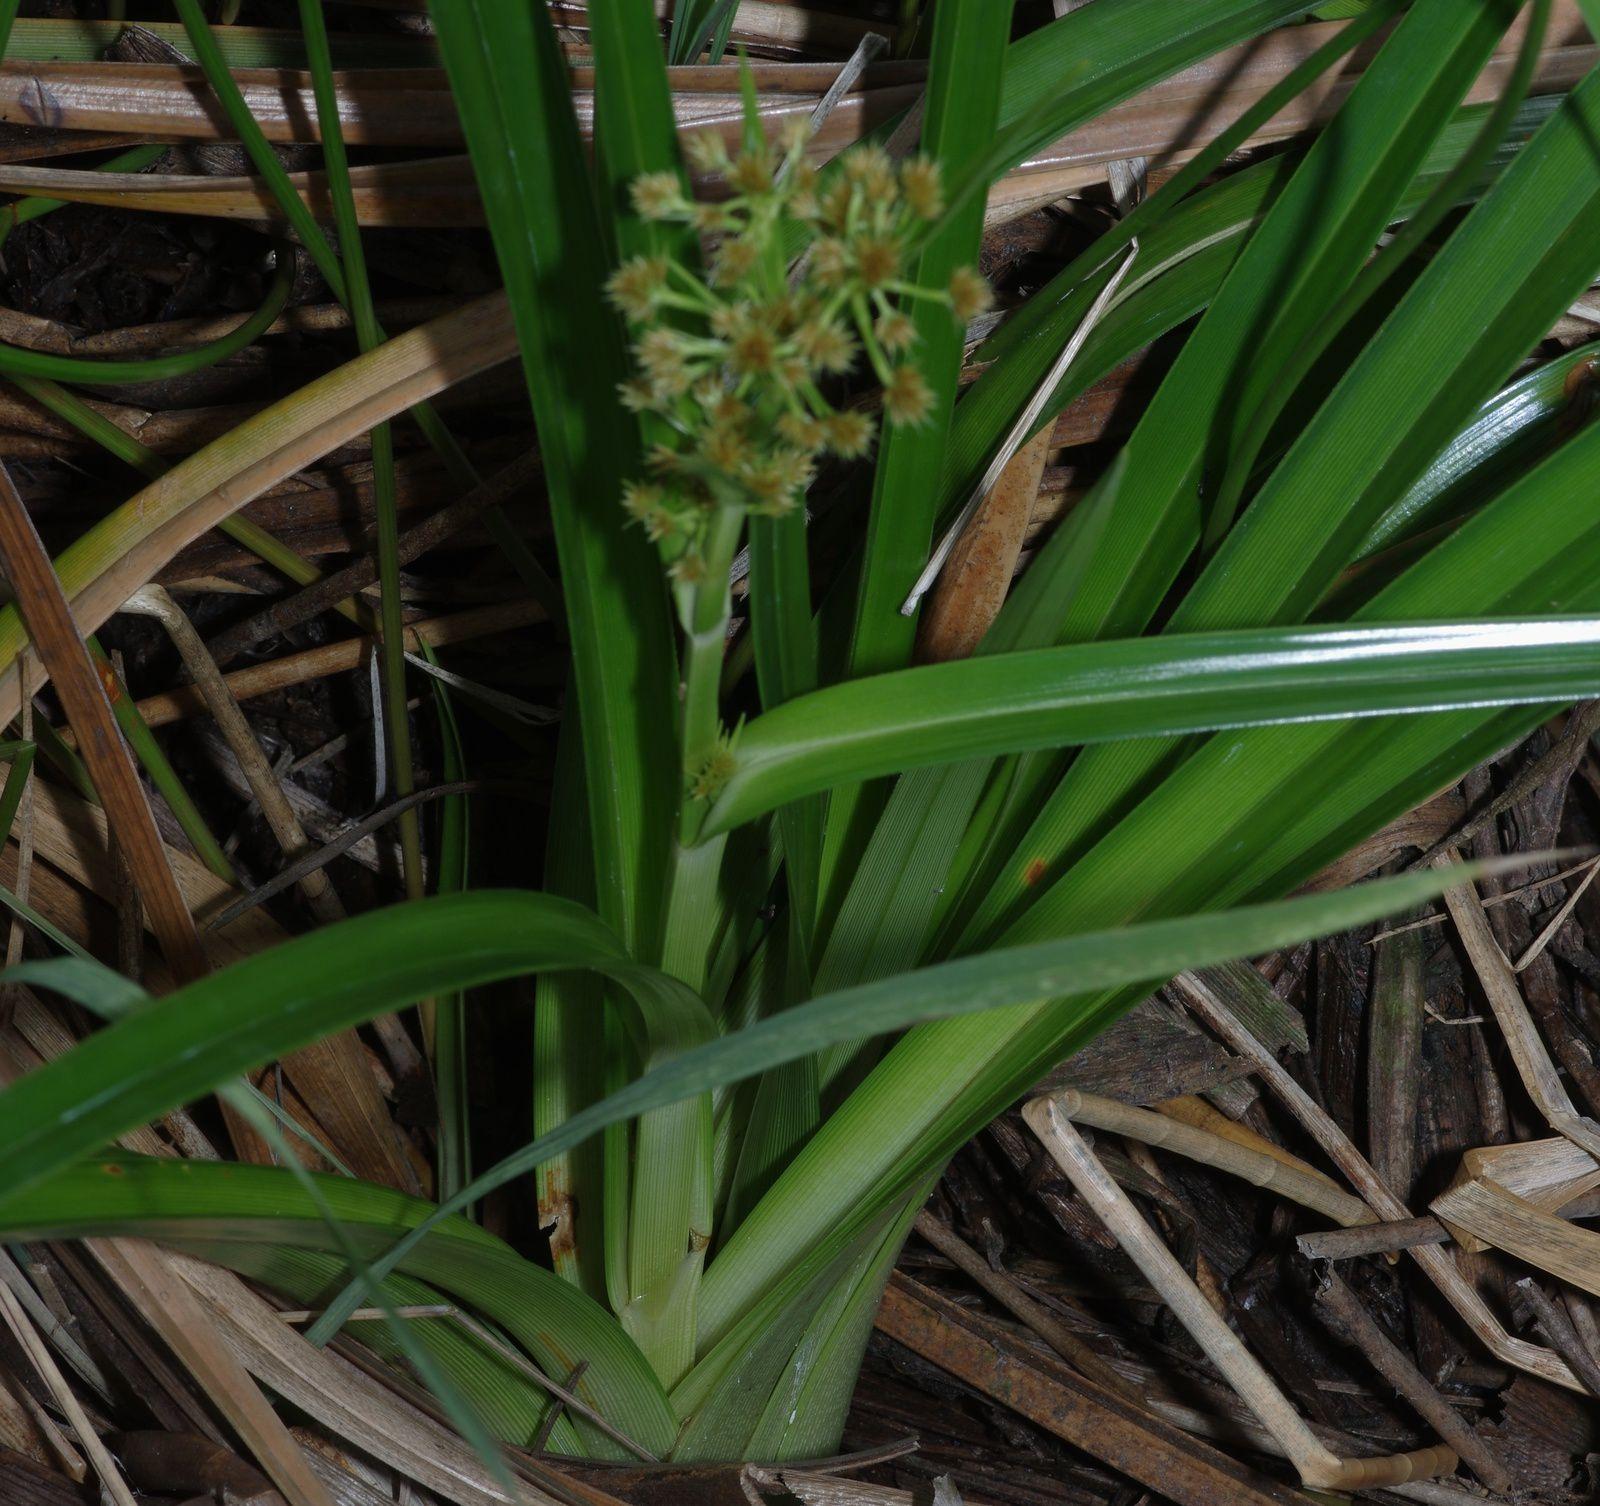 Rhynchospora gigantea